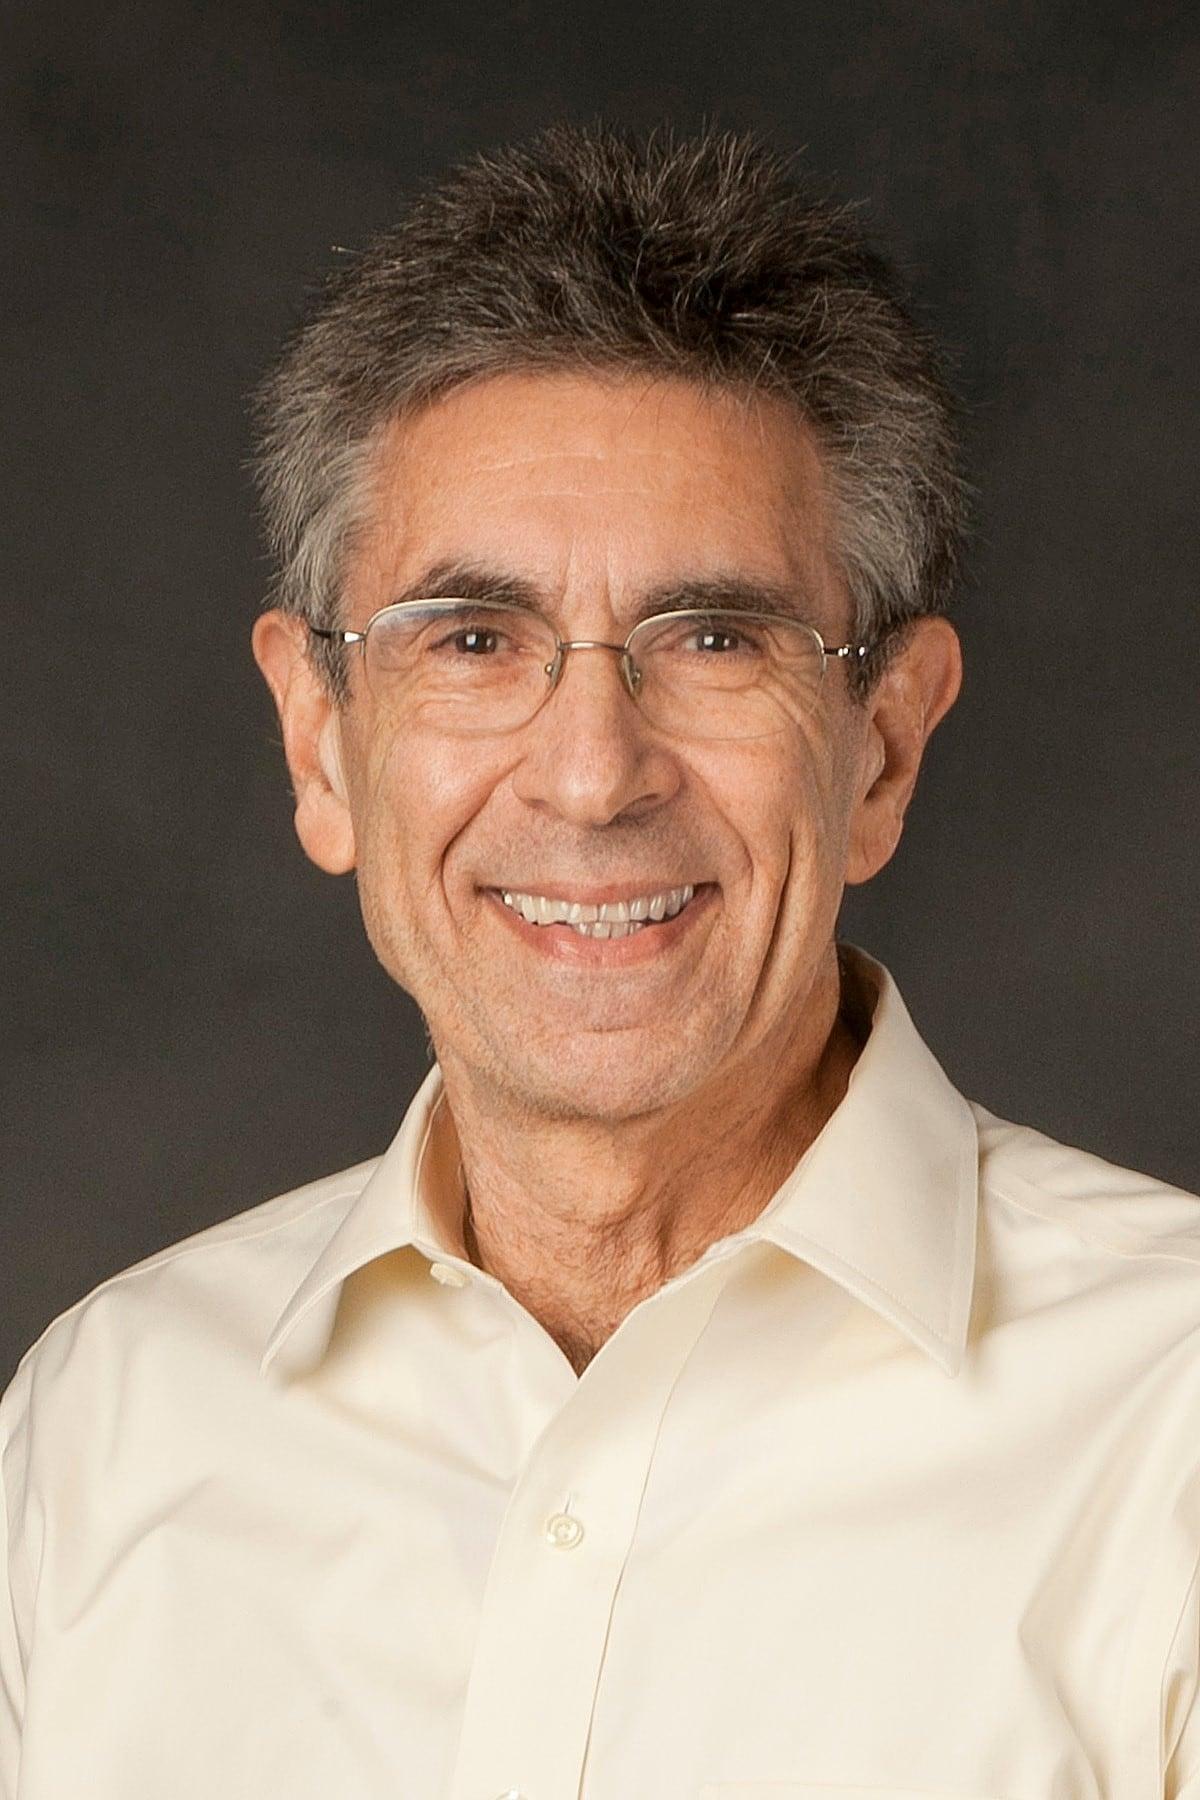 """ד""""ר רוברט לפקוביץ' (צילום: באדיבות המצולם)"""